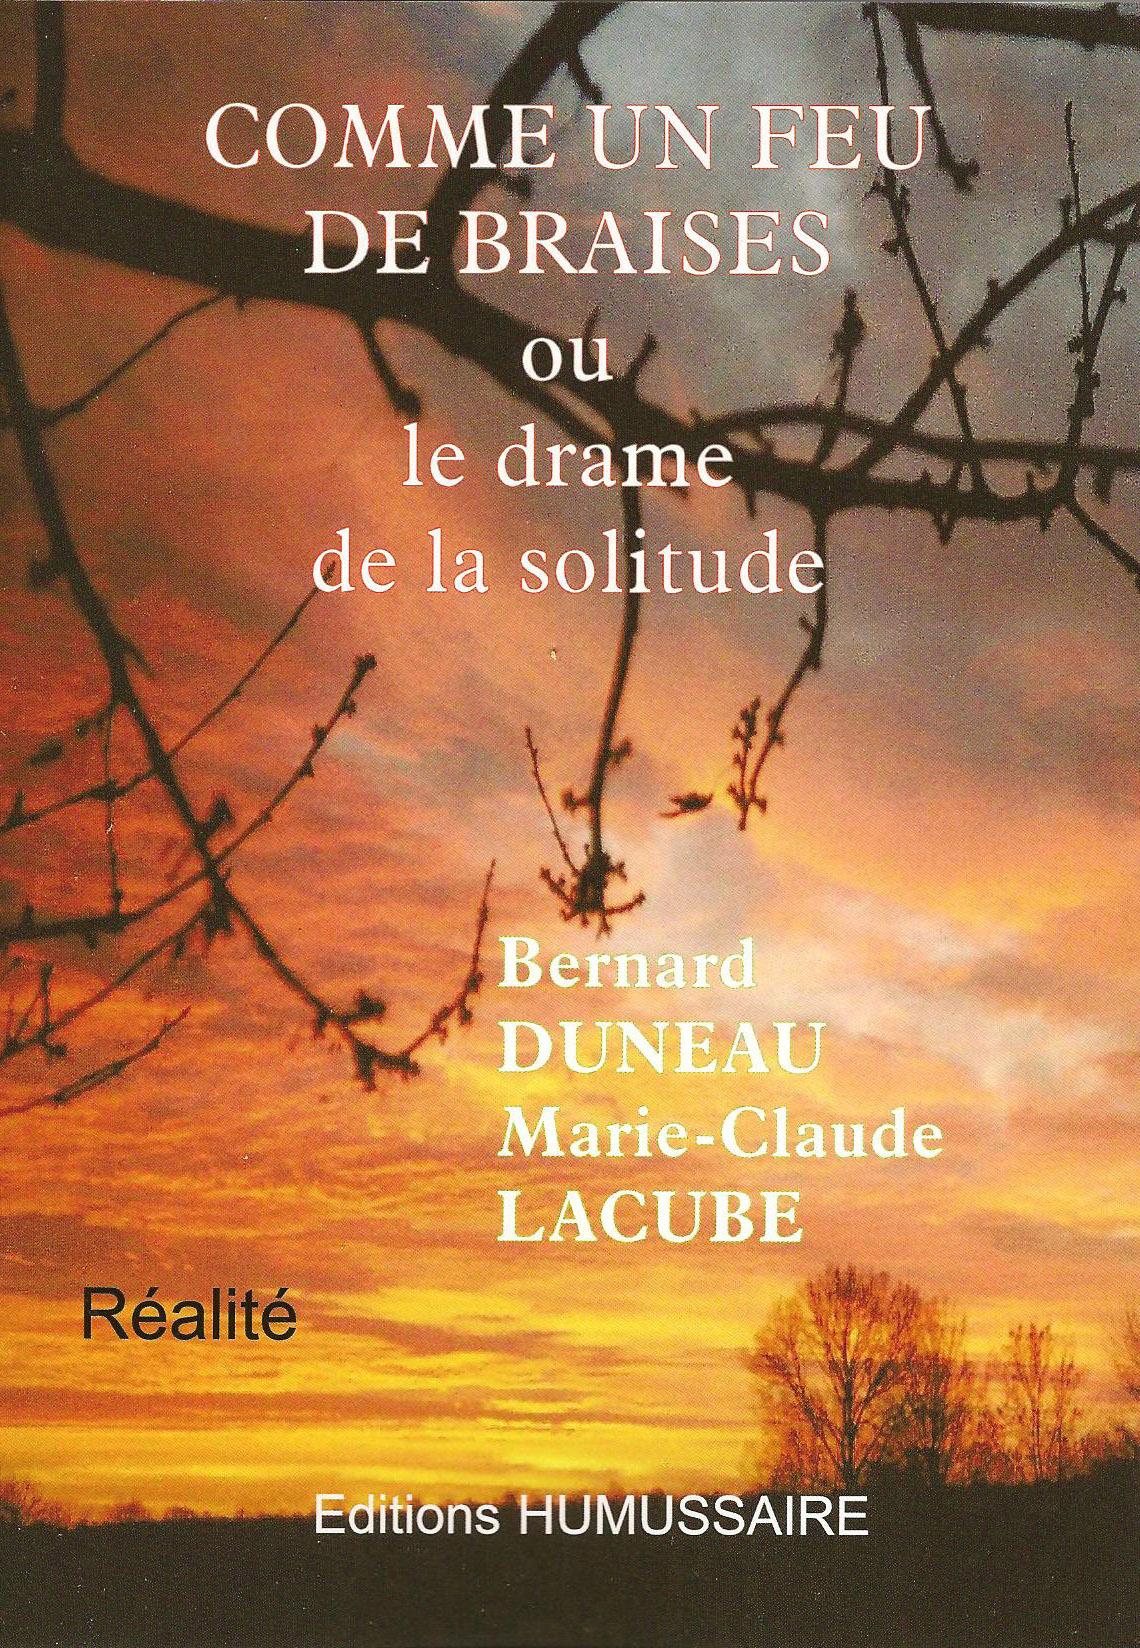 COMME UN FEU DE BRAISES - Bernard DUNEAU et Marie-Claude LACUBE